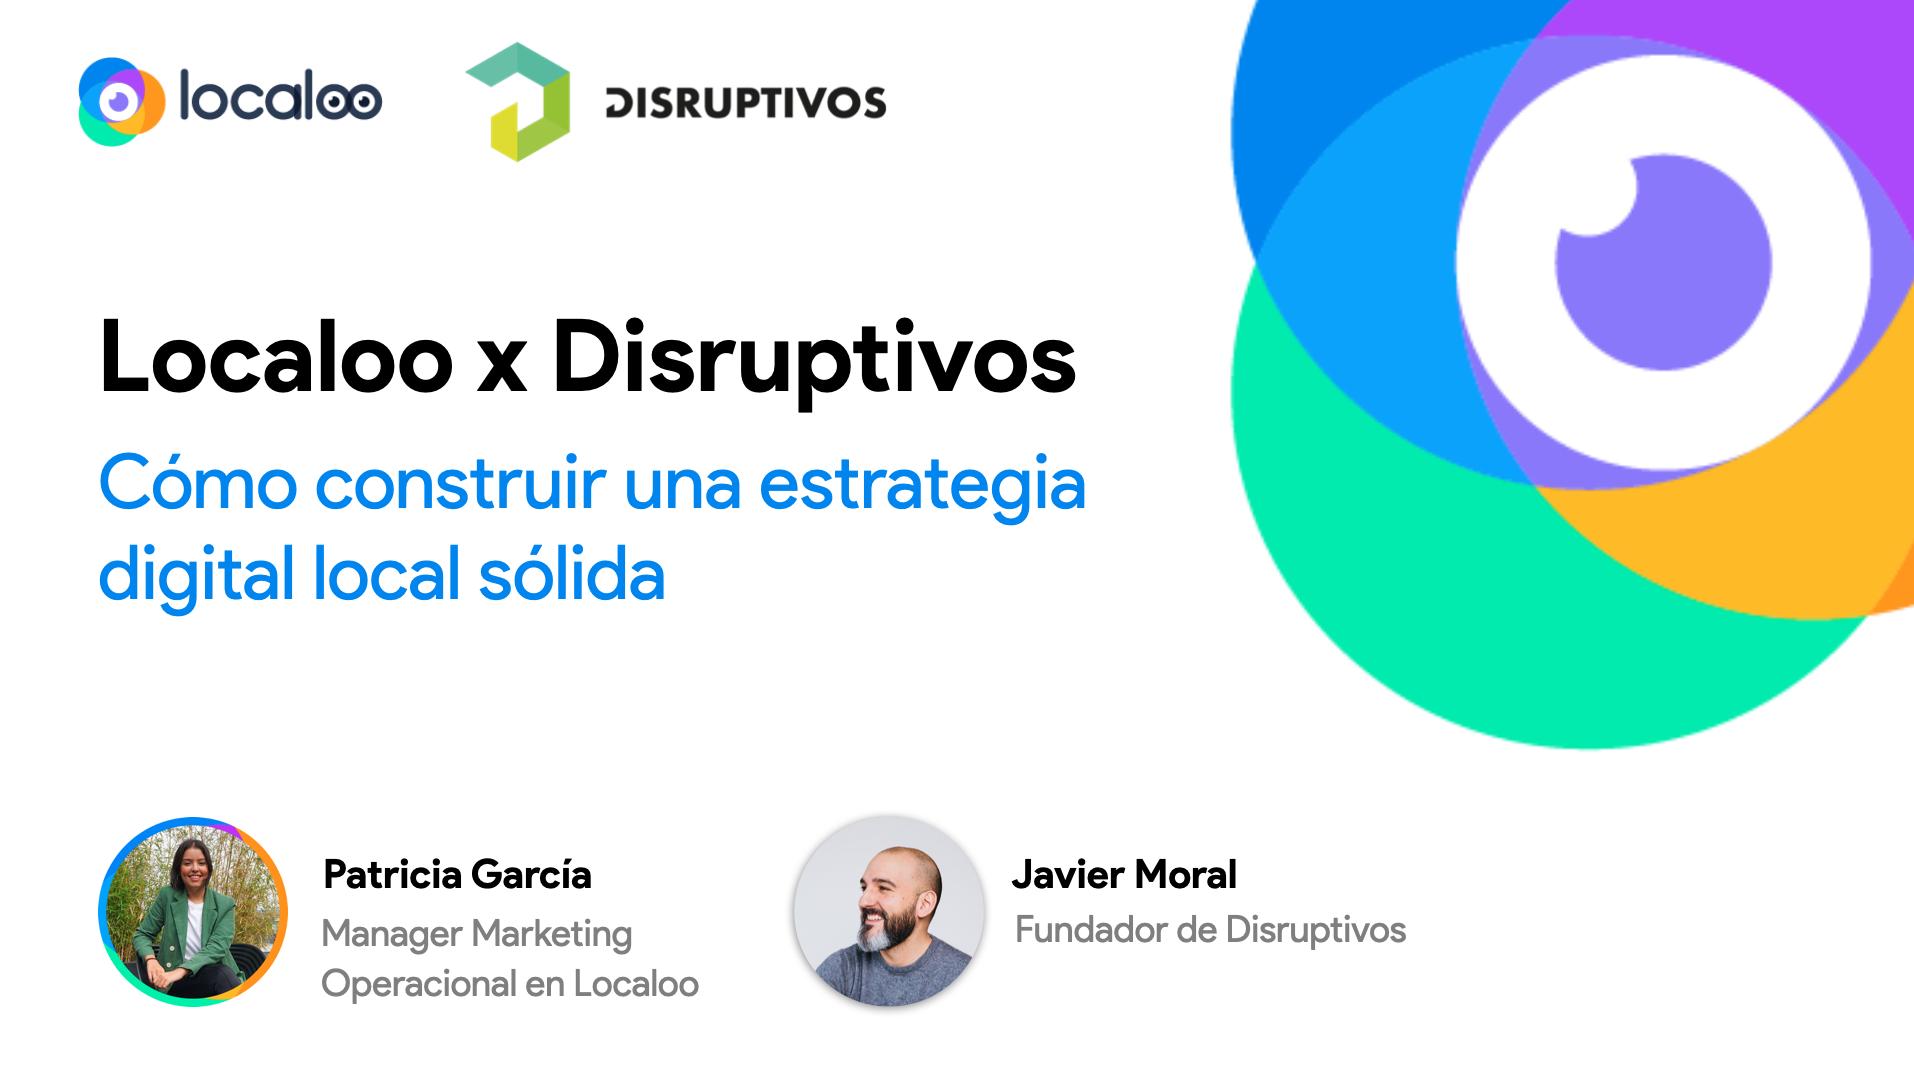 webinar localoo y disruptivos sobre la estrategia digital local solida